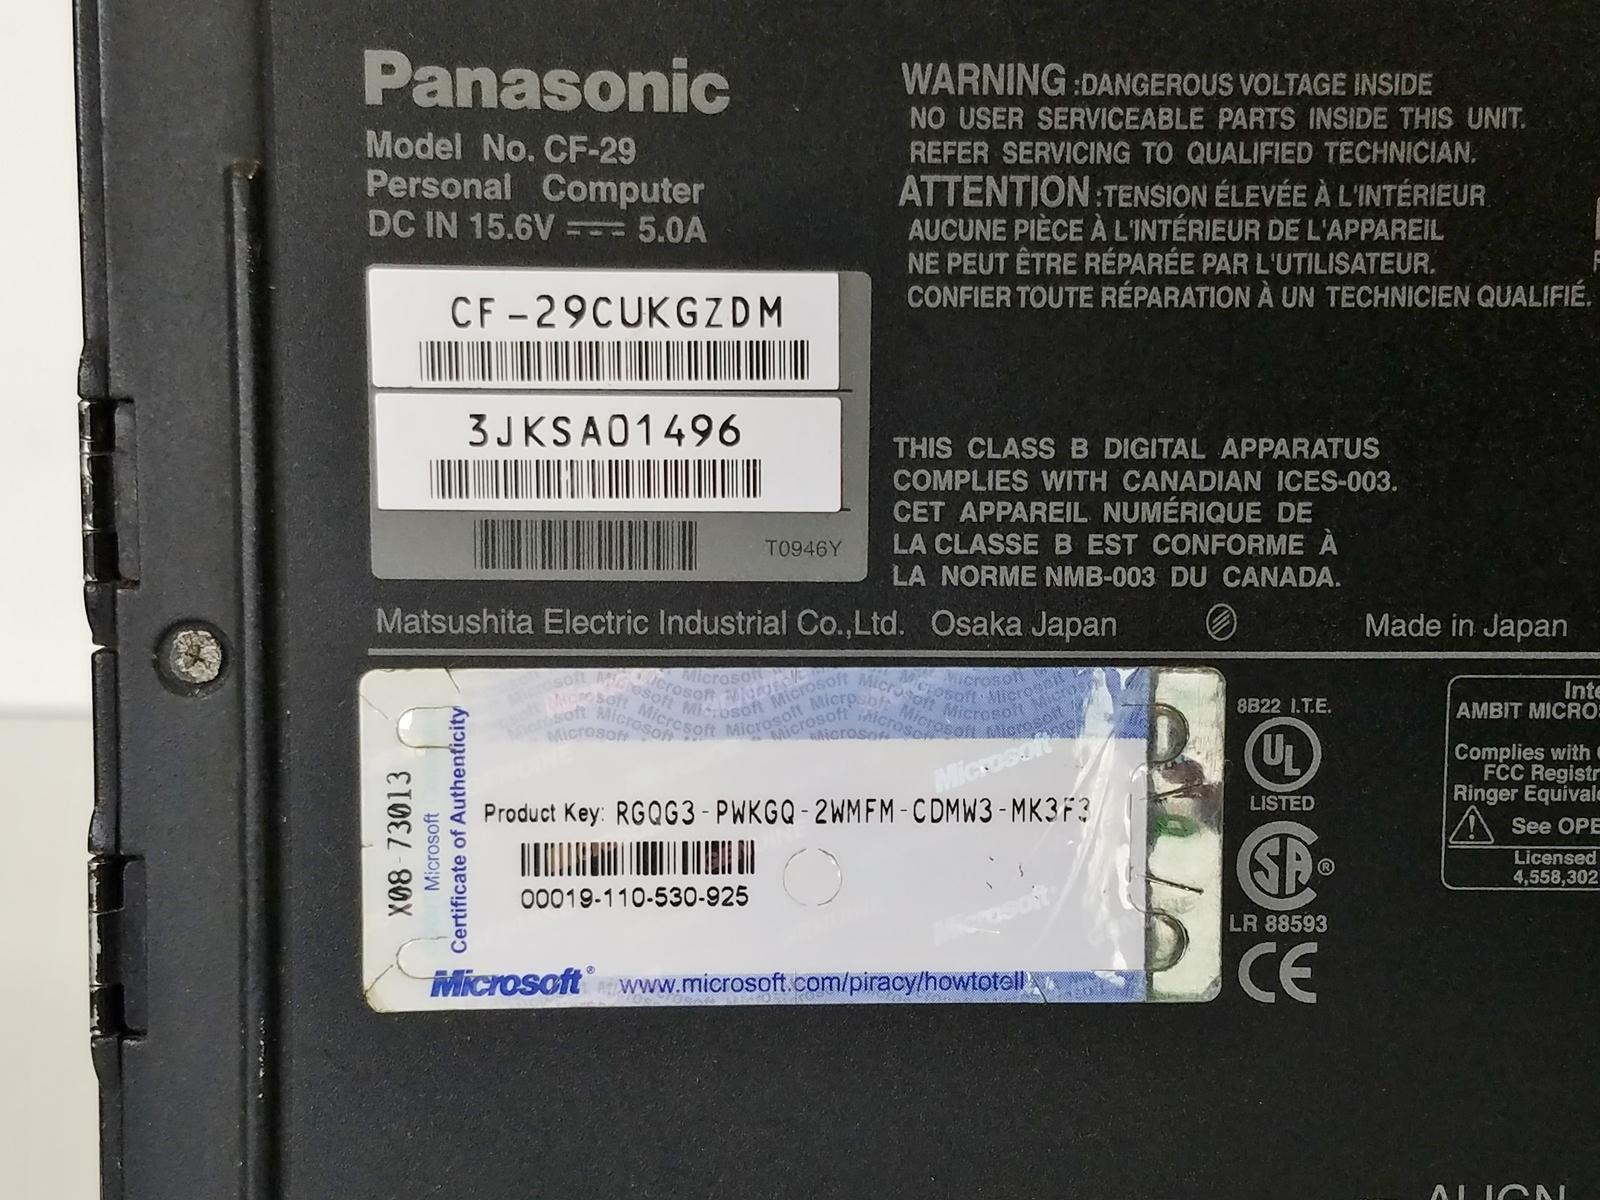 Lot 1 - PANASONIC TOUGHBOOK LAPTOP COMPUTER